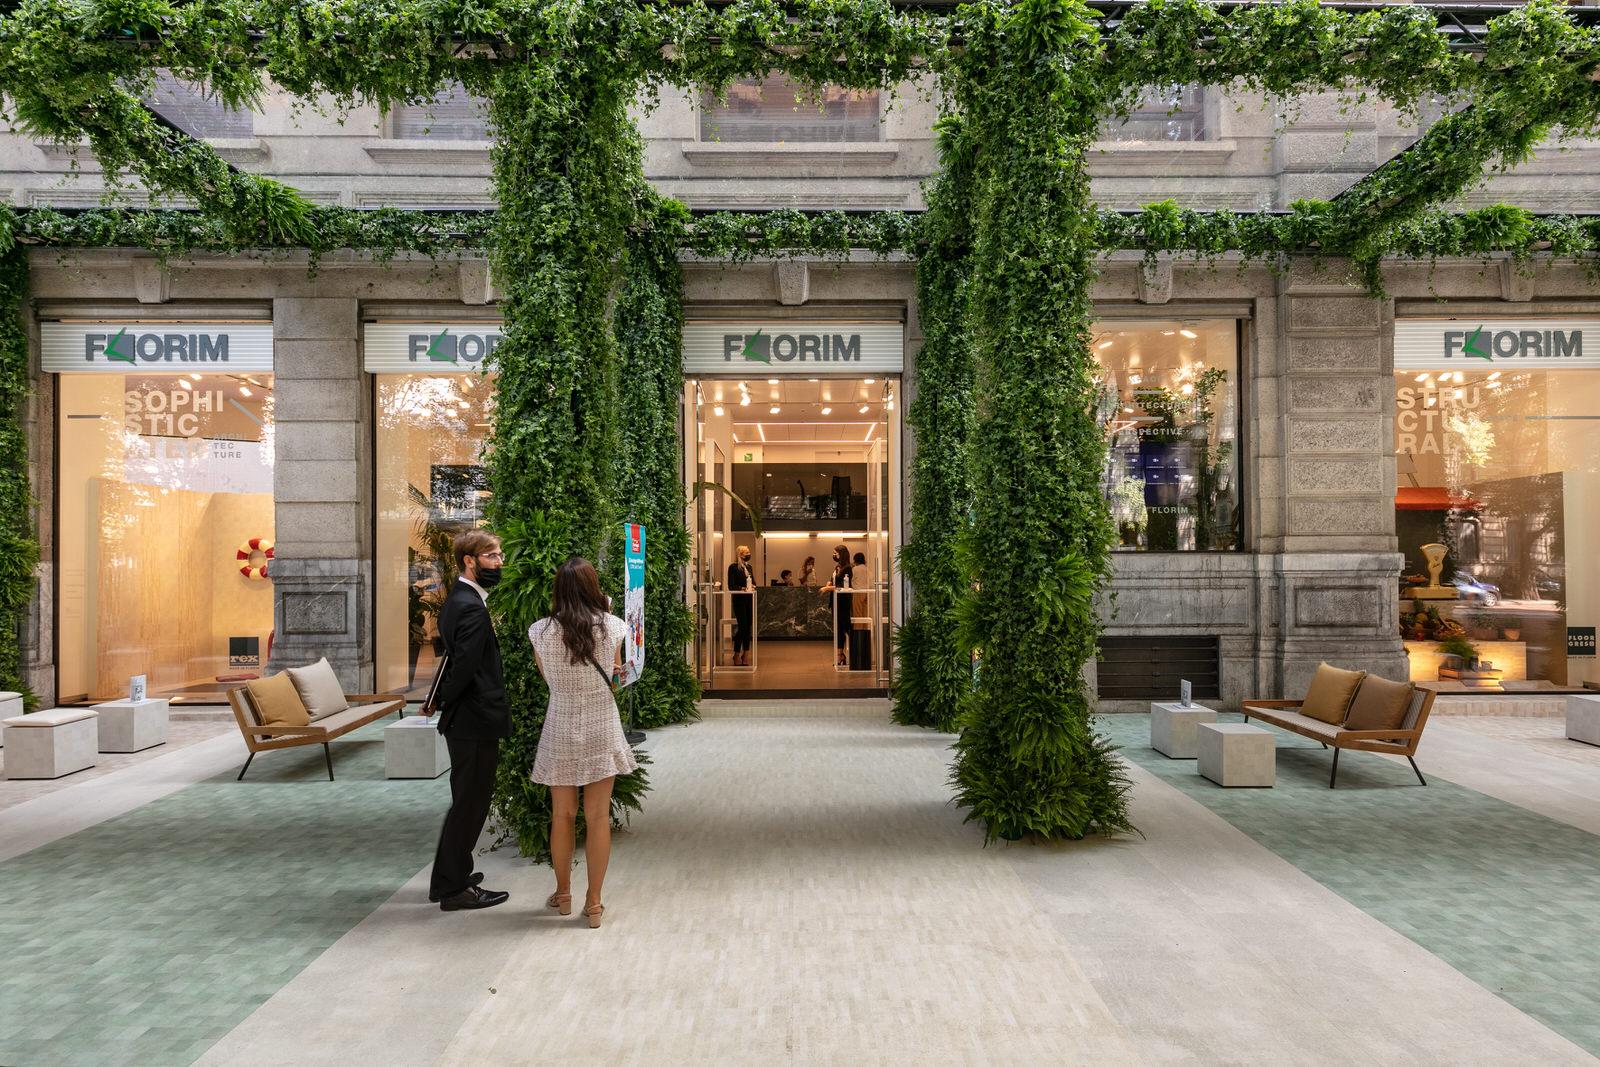 Florim представляет Sensi Pigmenti с инсталляцией на Миланской неделе дизайна 2021   элитный интерьерный салон «СЕРГО»